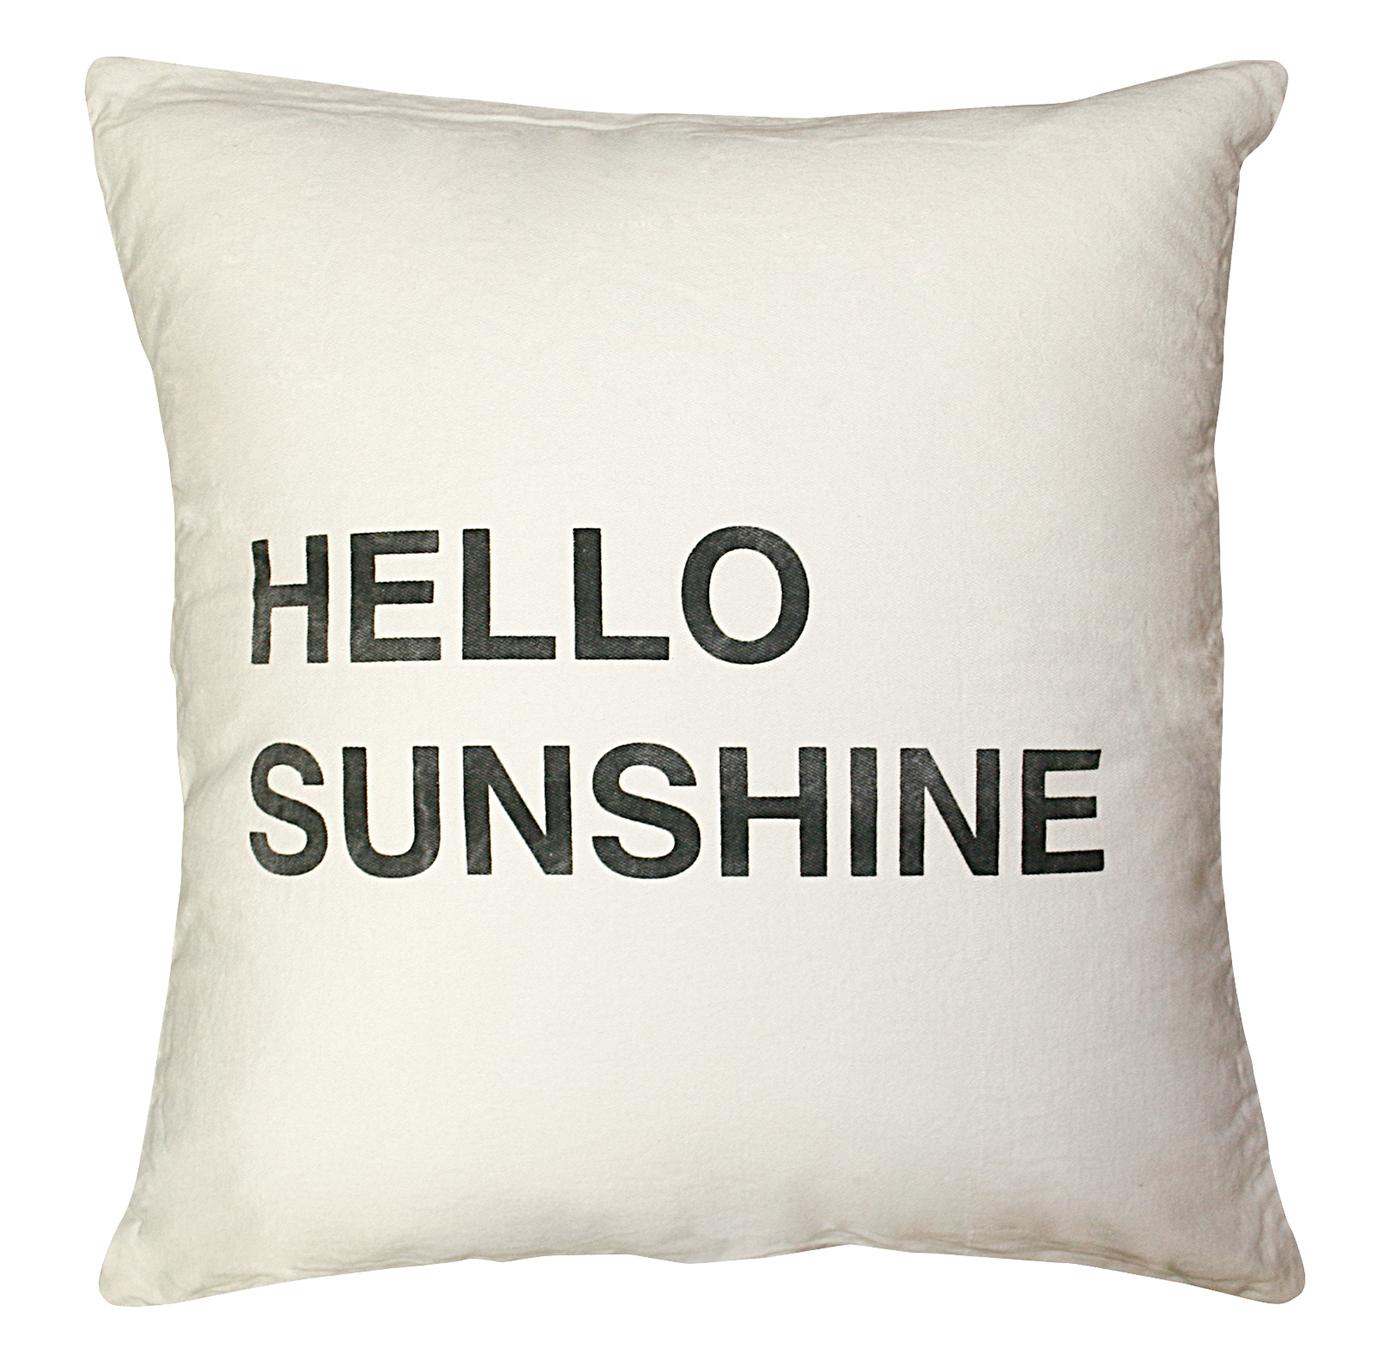 Hello Sunshine Bold Script Linen Down Throw Pillow - 24x24